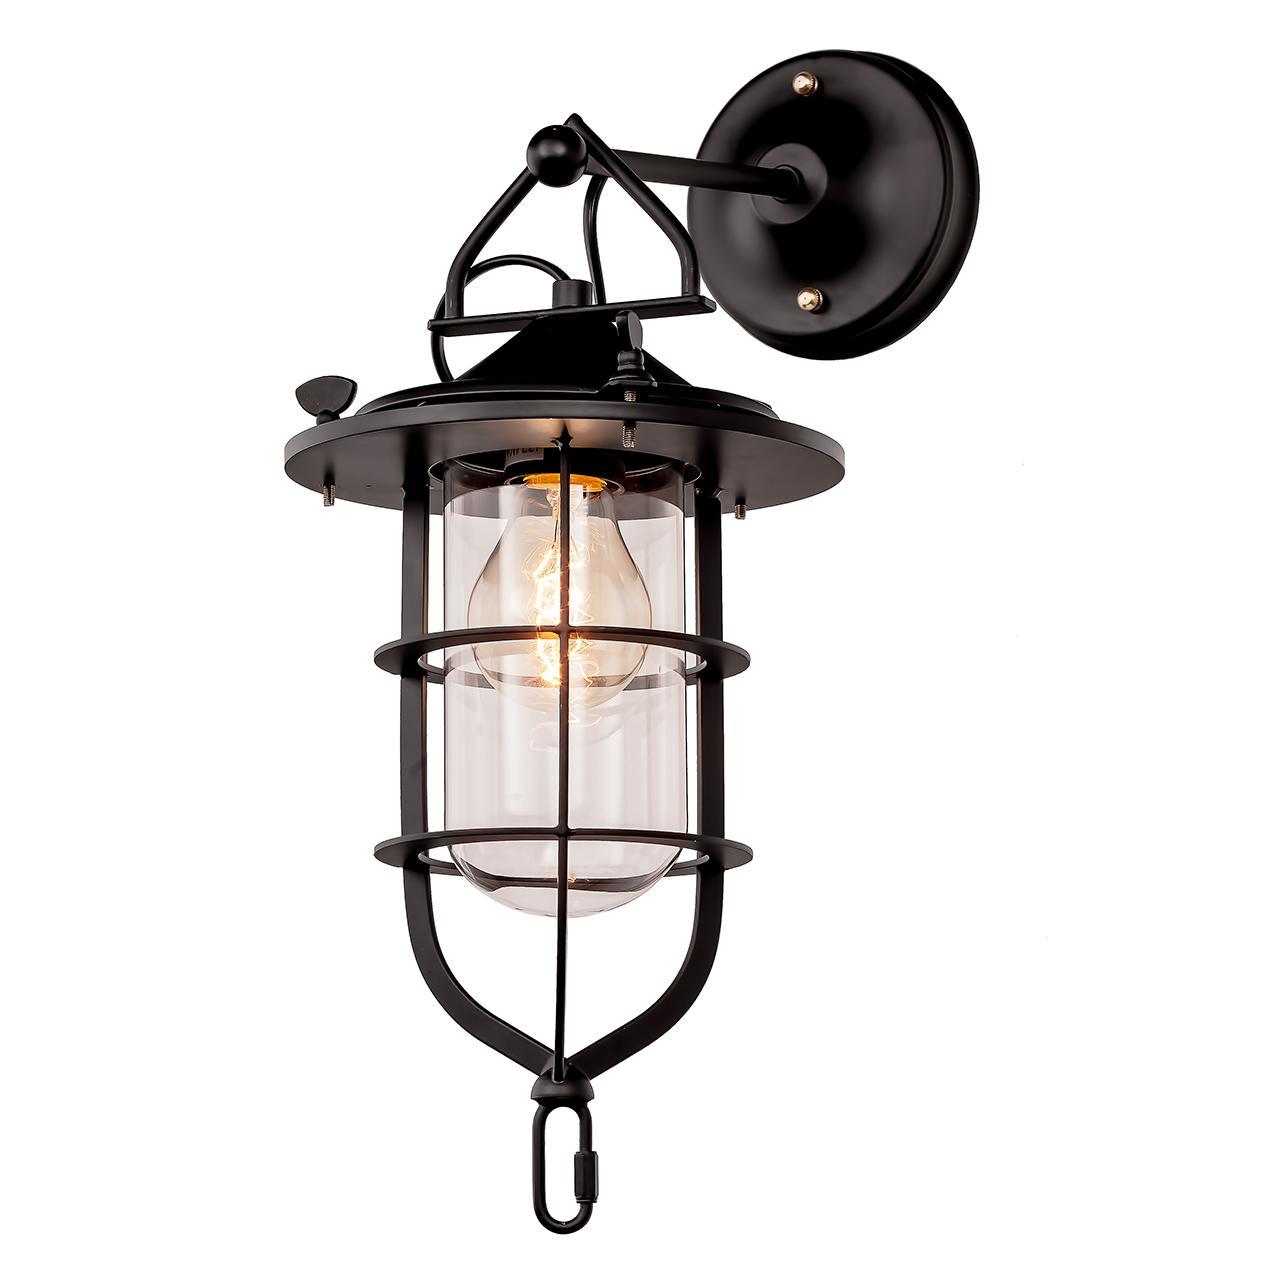 Купить Настенный светильник бра Incommode в интернет магазине дизайнерской мебели и аксессуаров для дома и дачи